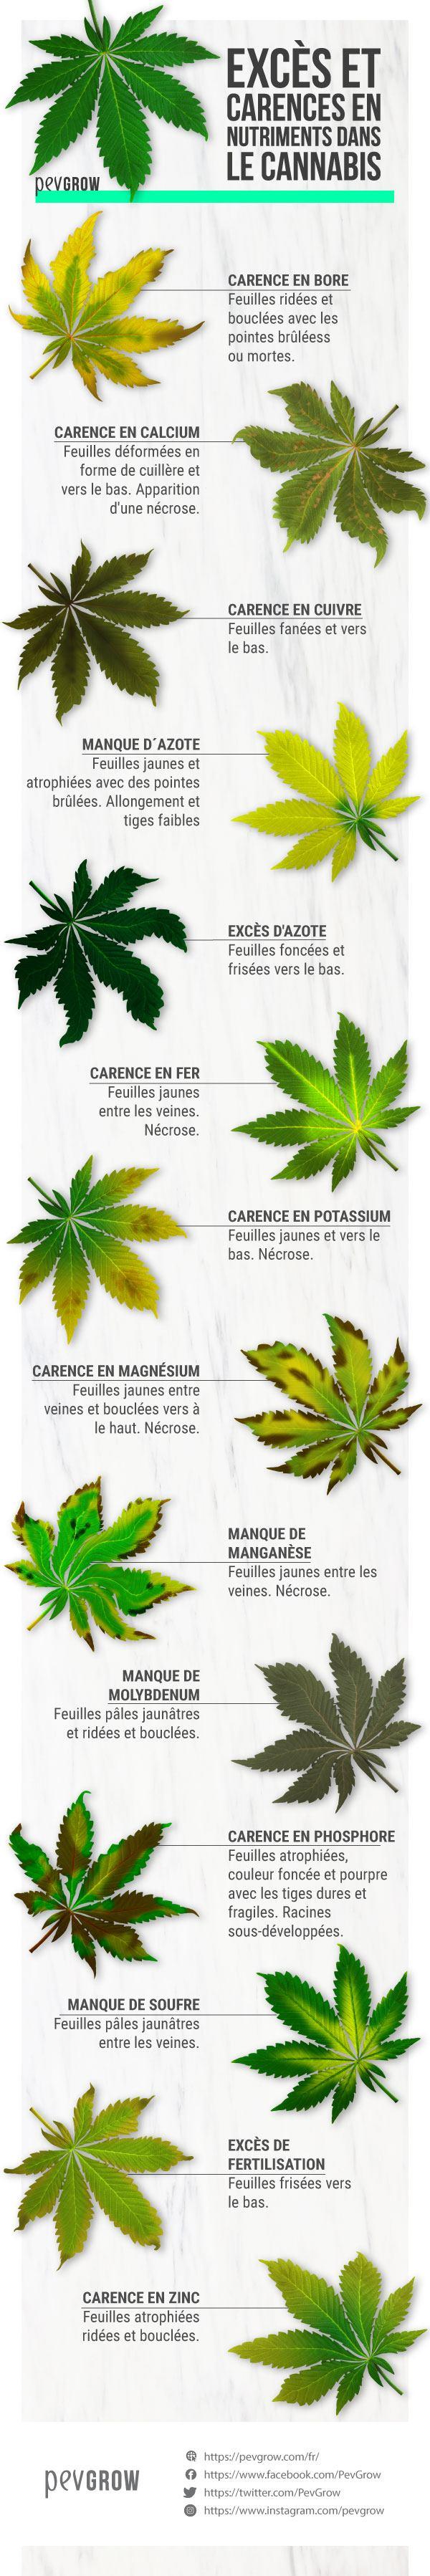 Excès et des carences dans la culture du cannabis